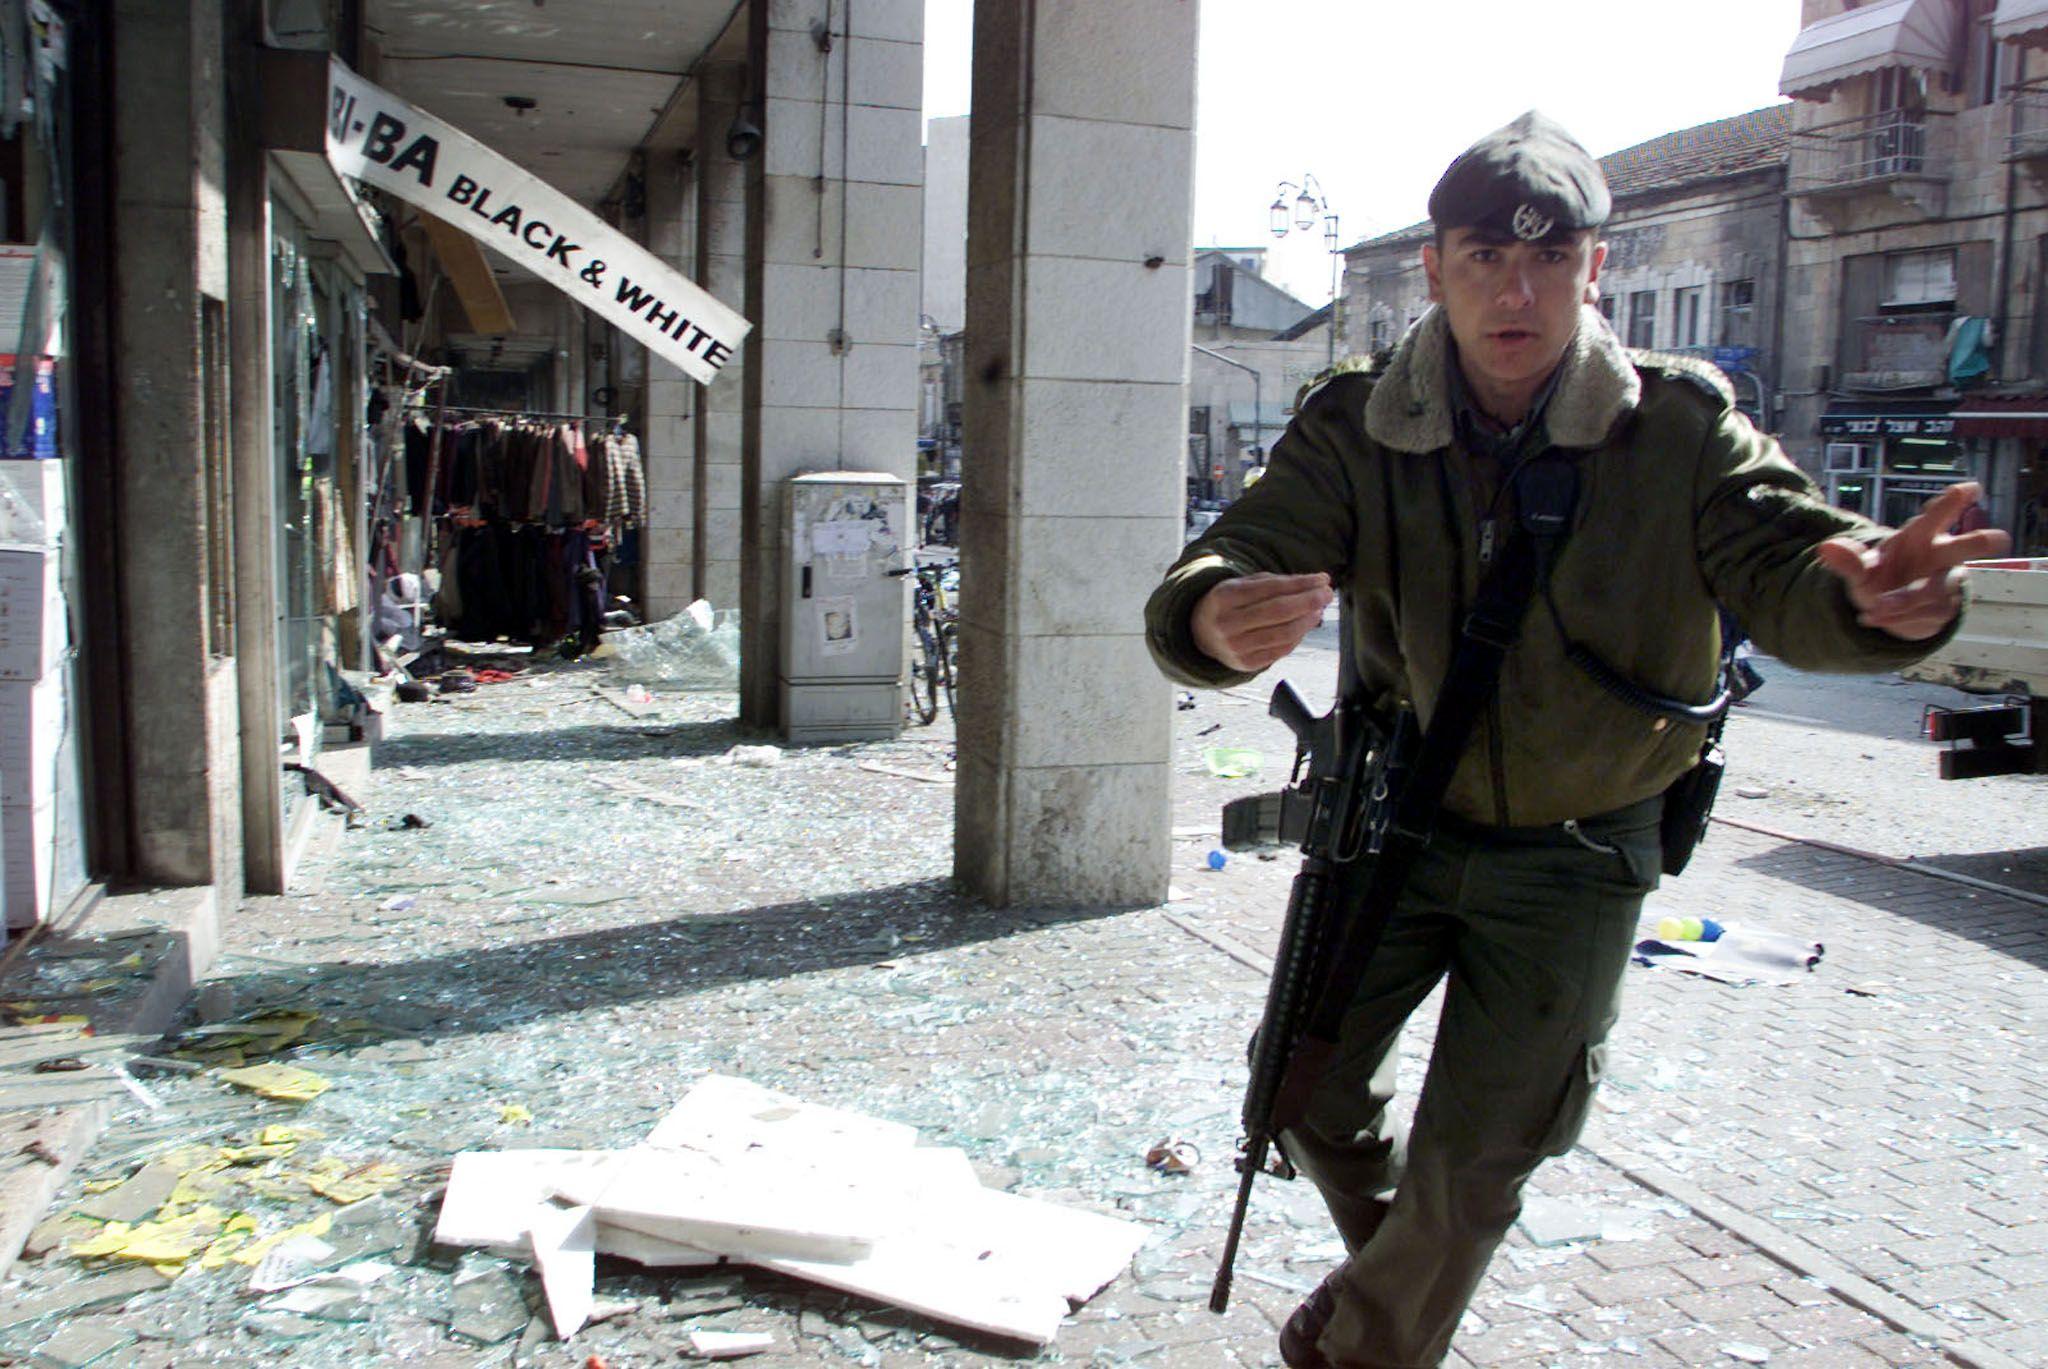 2-20-15 Suicide bombing Jan 2002